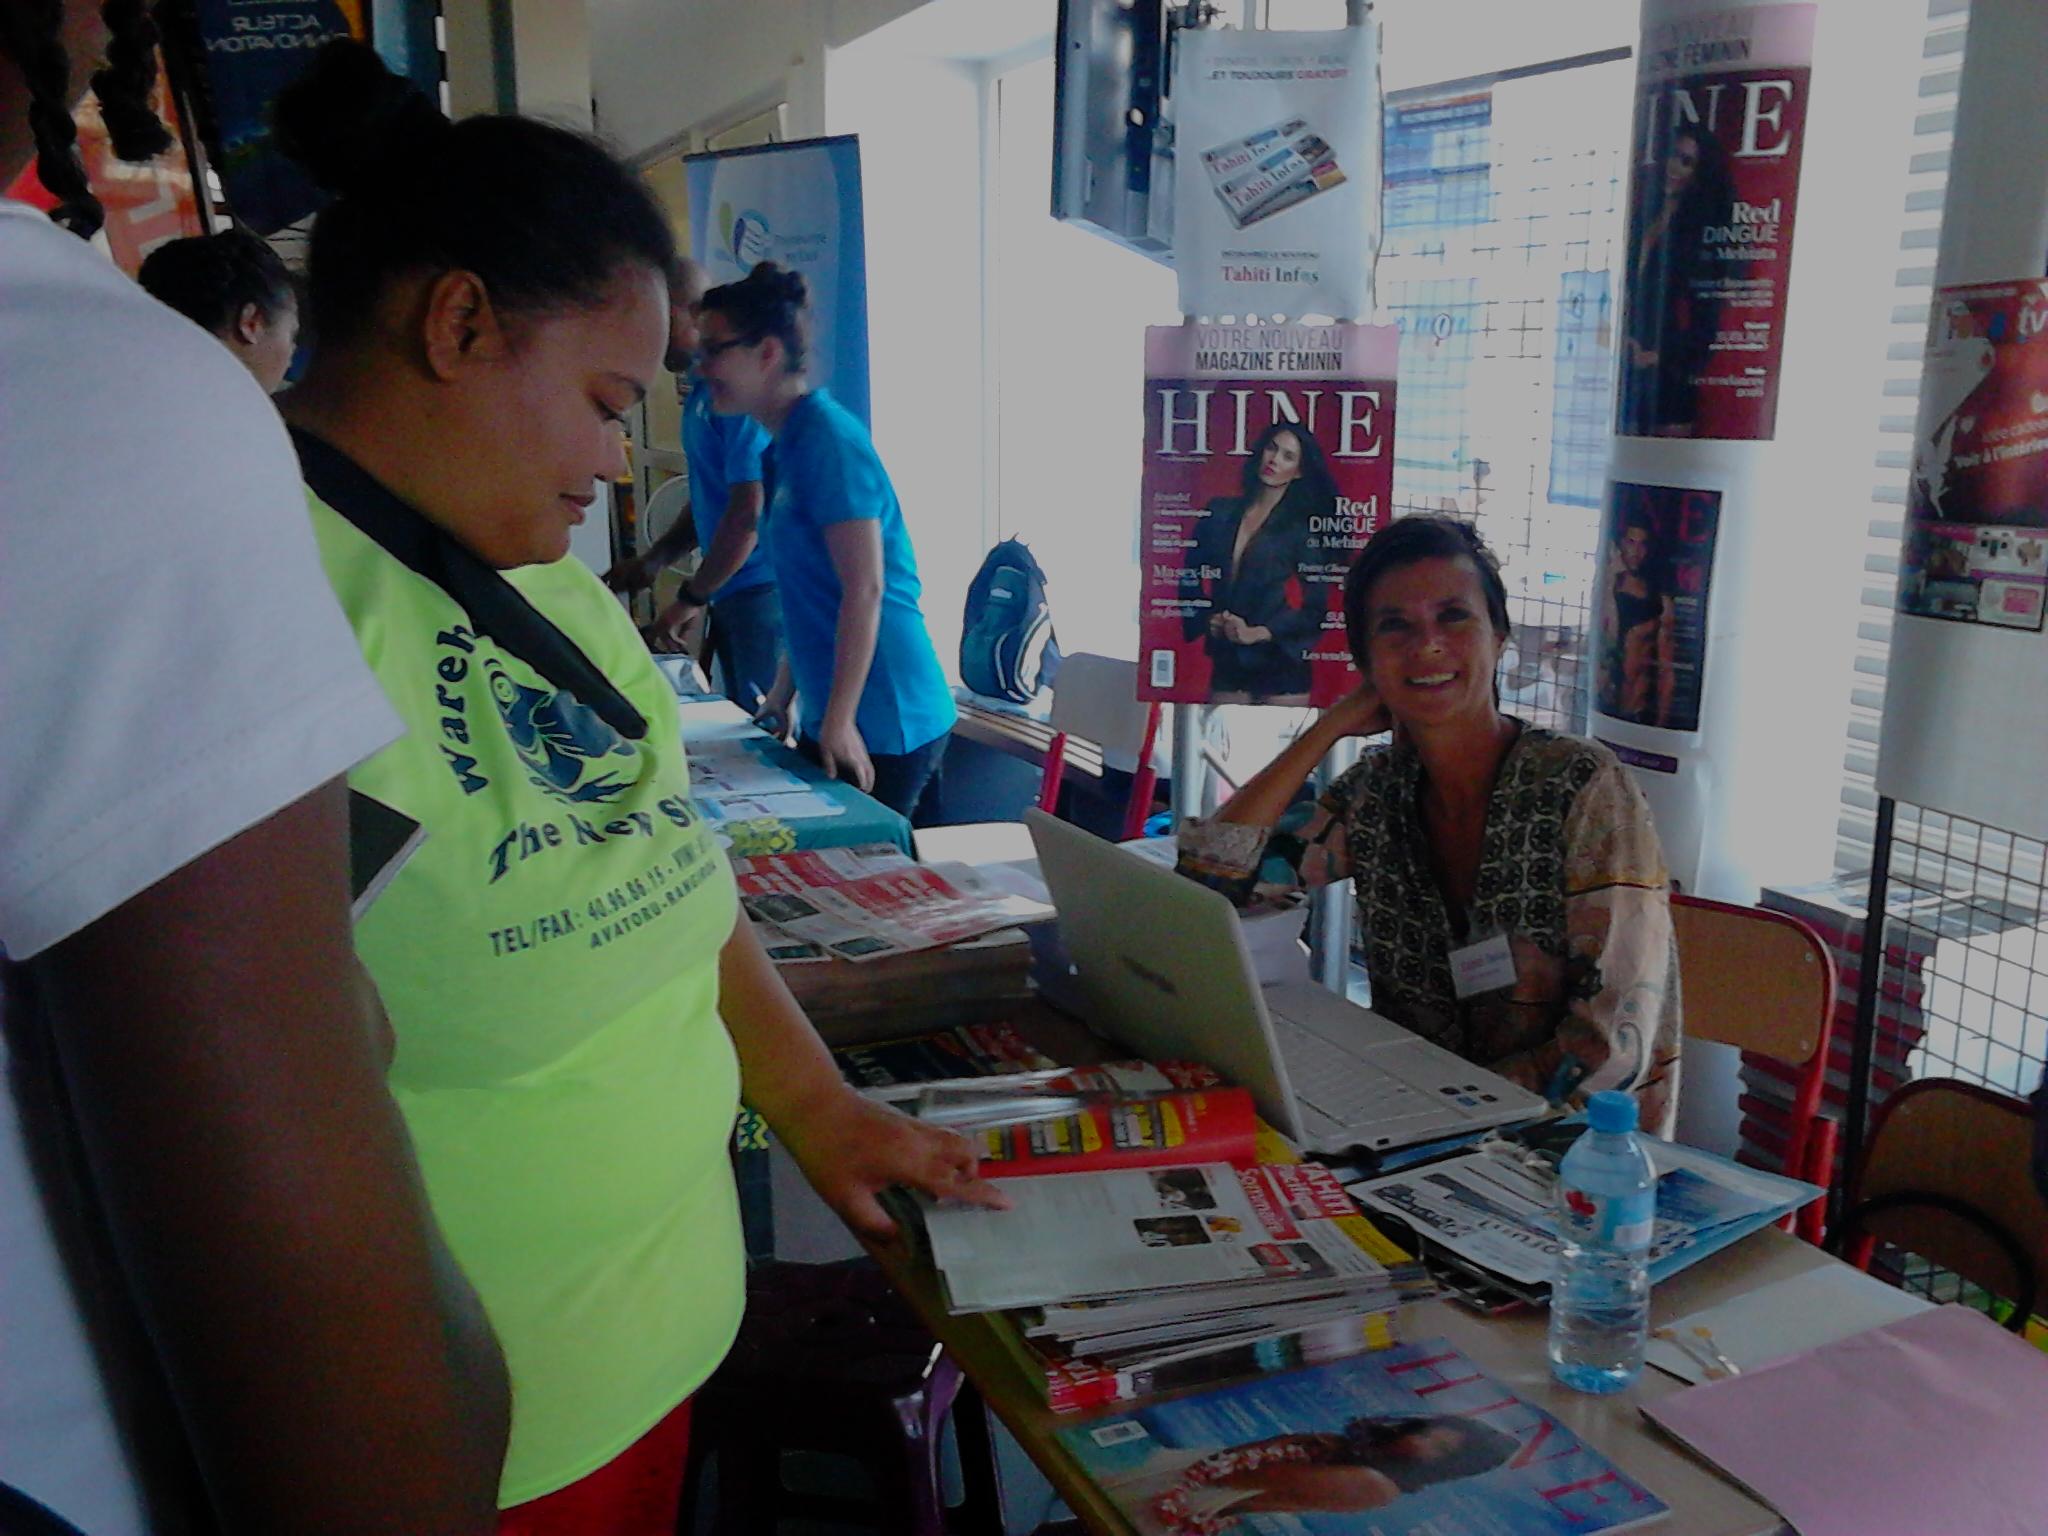 Sur le stand de Fenua communication, les visiteurs pouvaient découvrir ce mercredi les magazines du groupe et aussi le journal Tahiti Infos et aussi en savoir plus sur les métiers de journalistes et de commerciaux.